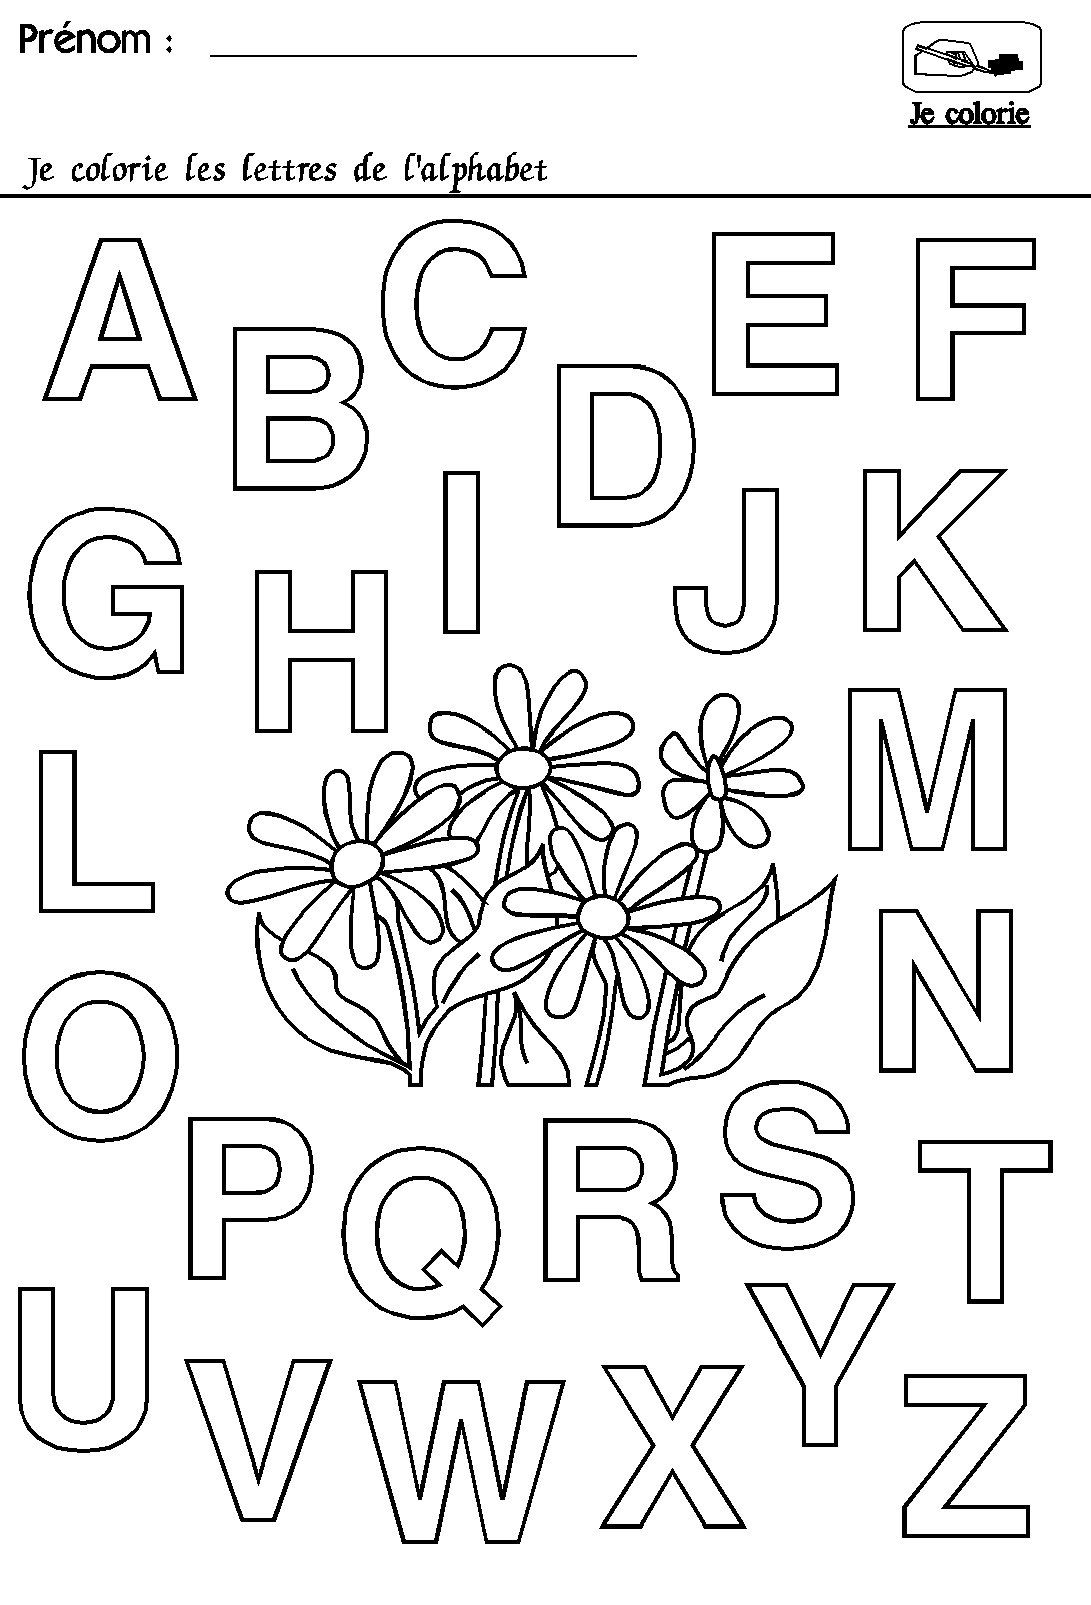 Maternelle Rentrée Des Classes : L'alphabet | Alphabet À serapportantà Exercice D Alphabet En Maternelle